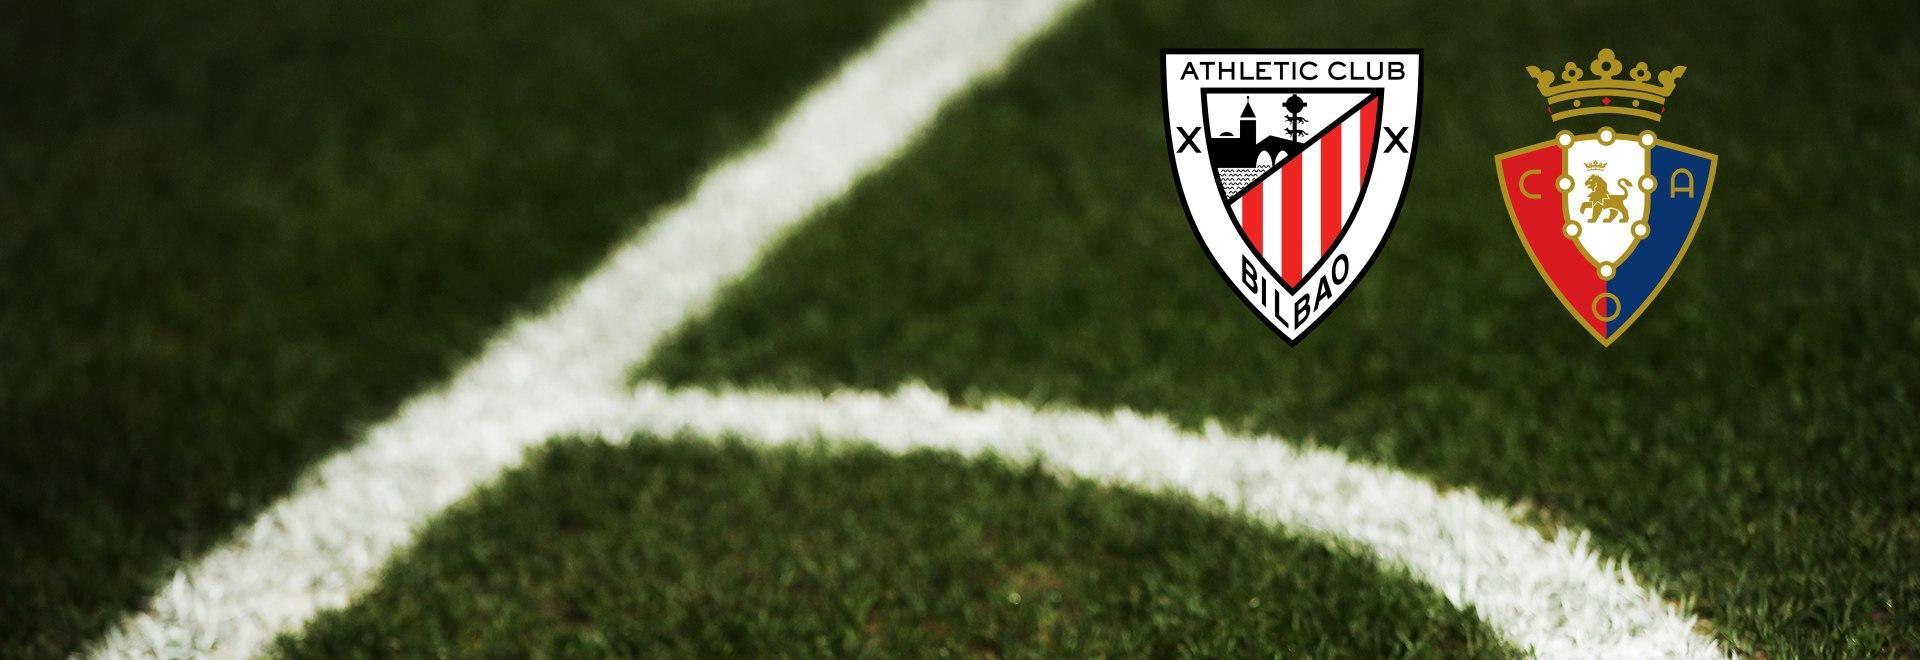 Athletic Club - Osasuna. 24a g.